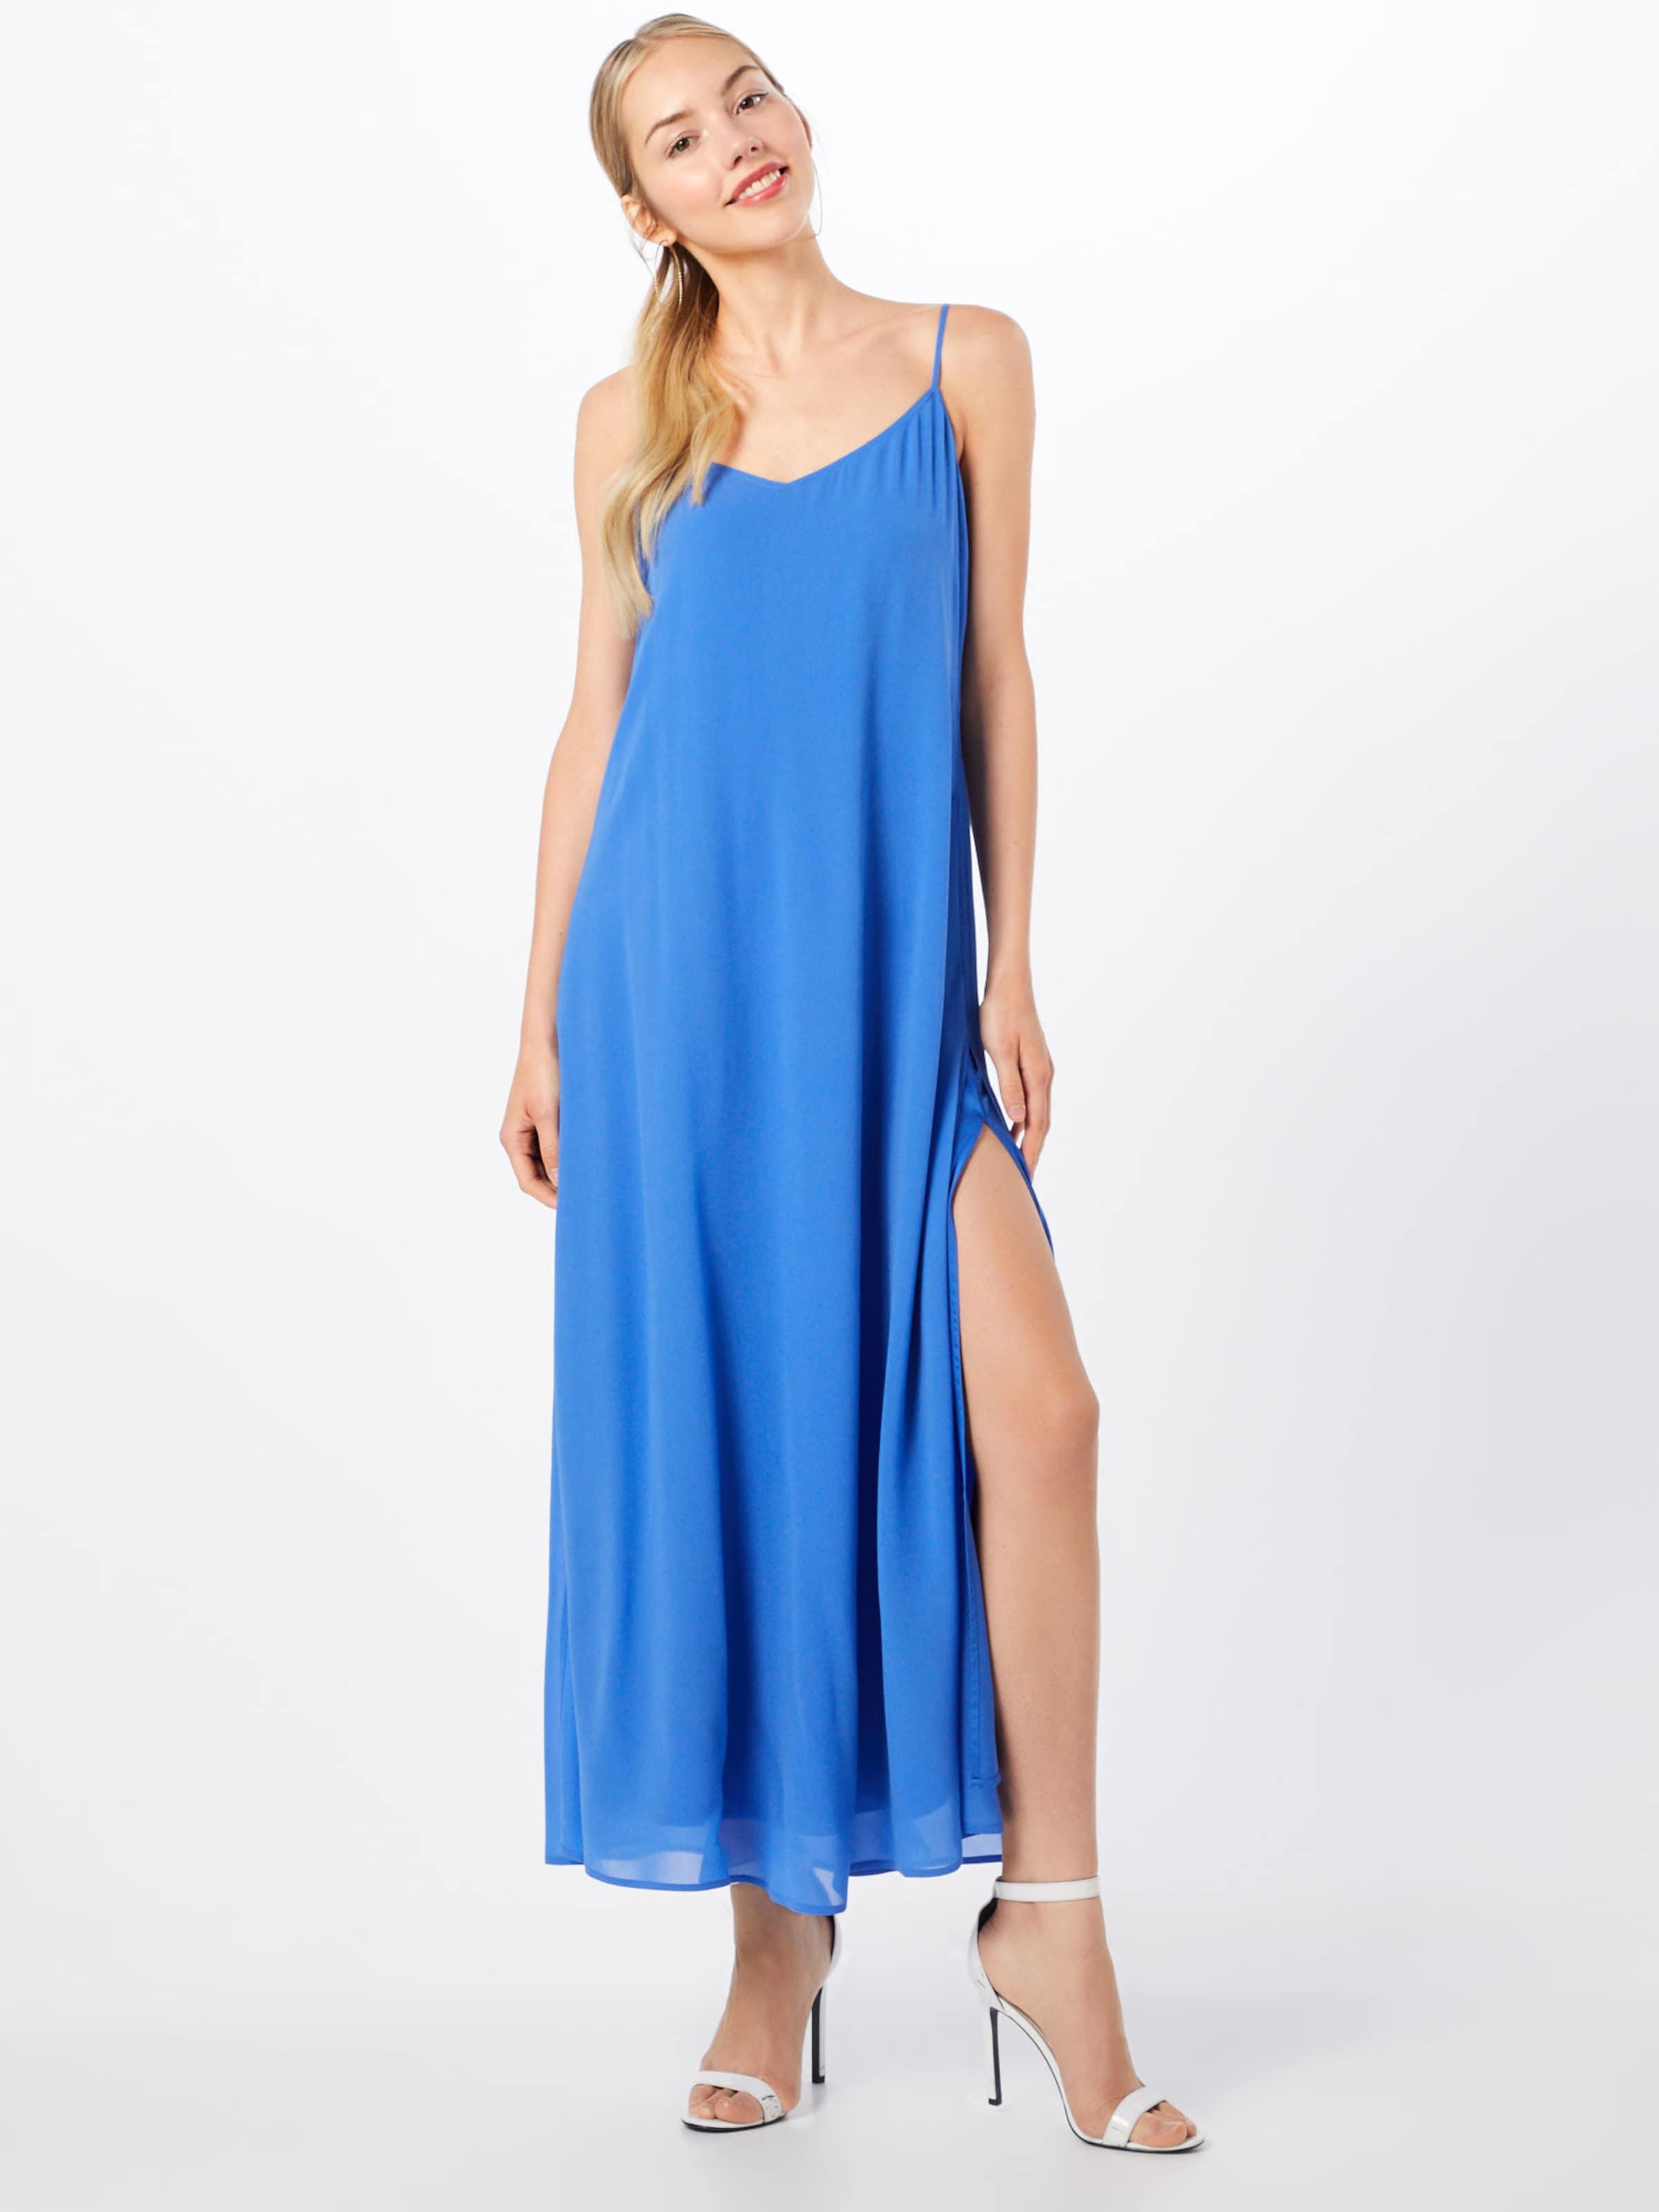 casual Bleu Lauren Ralph Robe Dress' En Polo D'été 'sleeveless SGMVzUqp